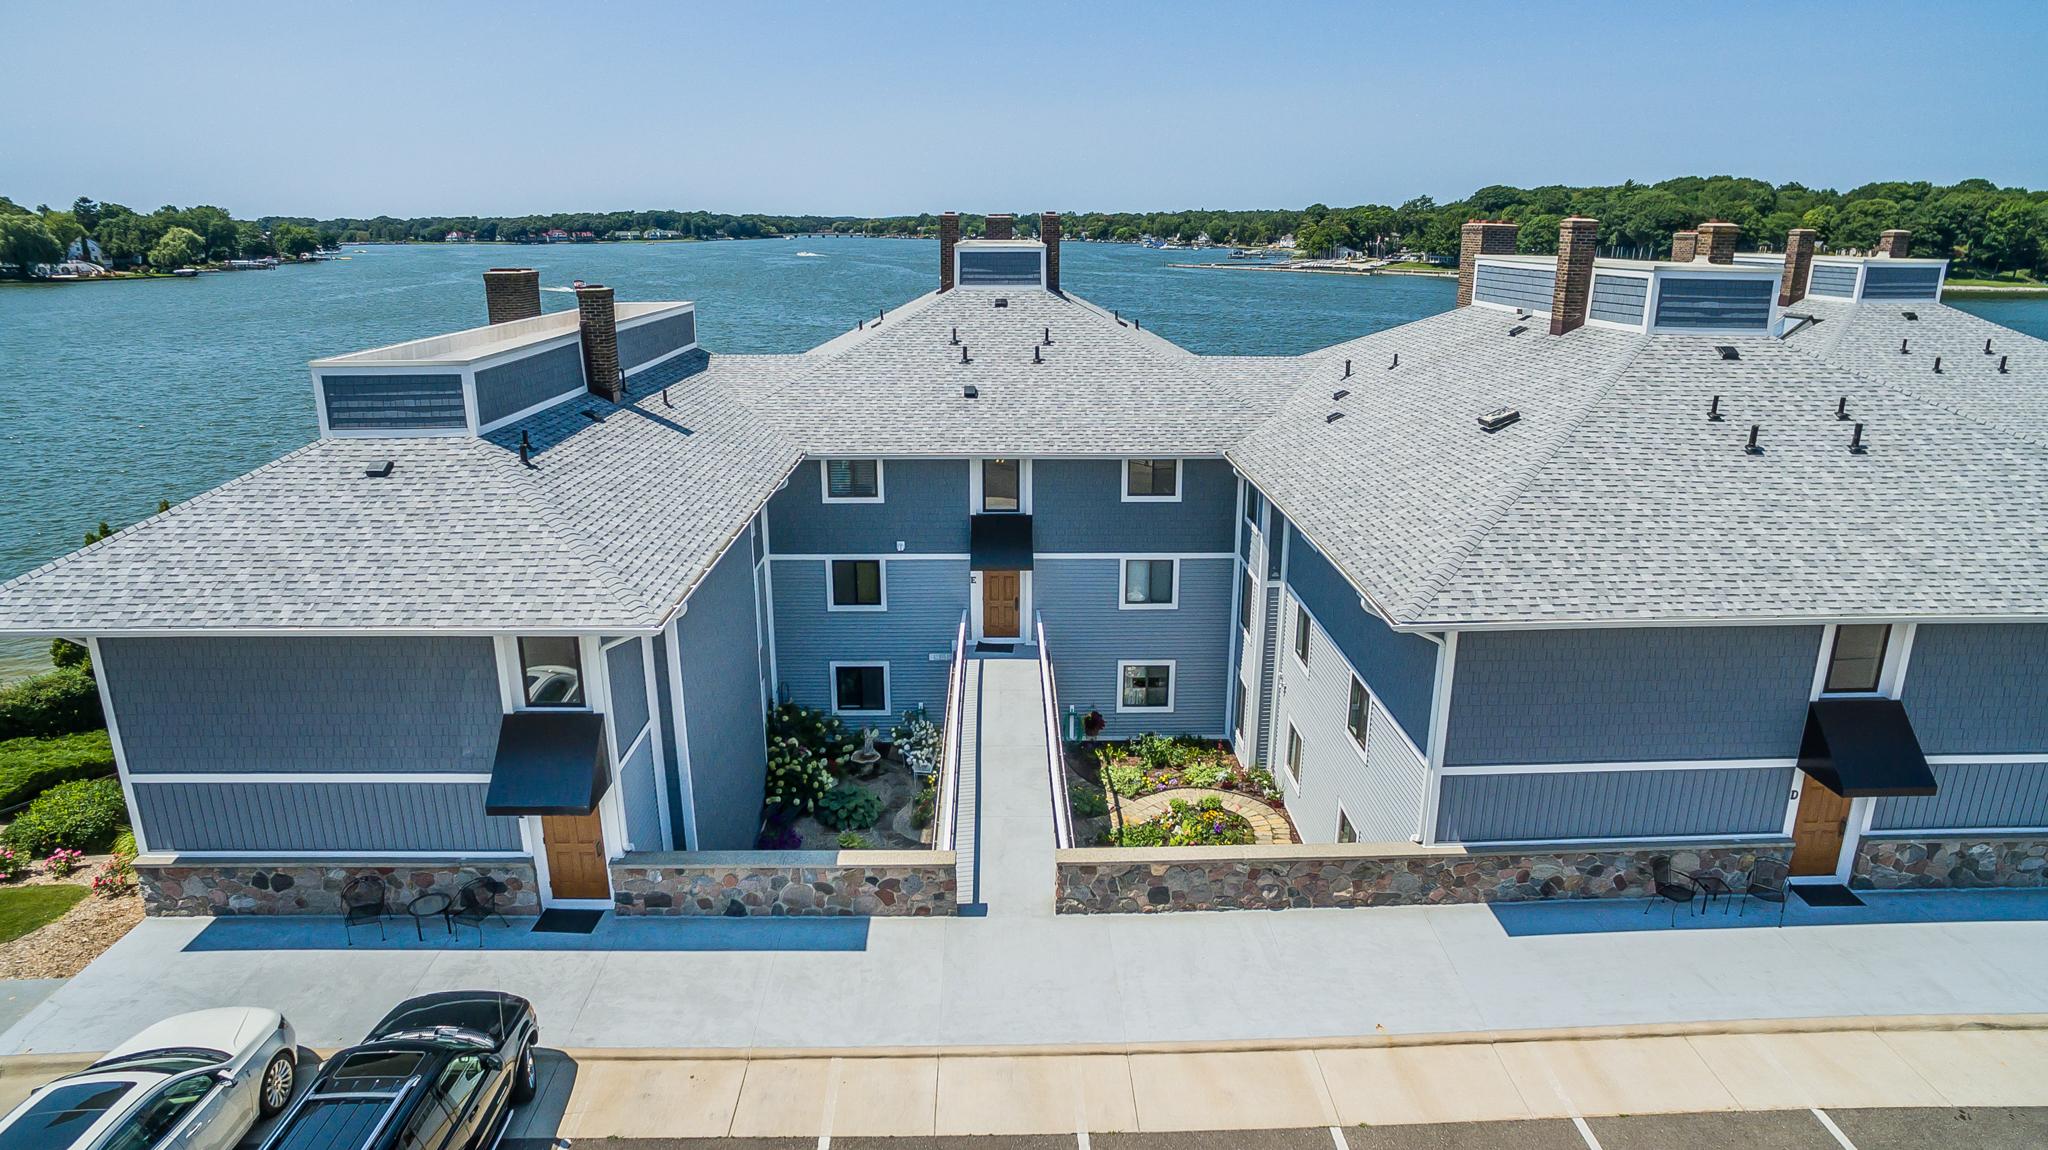 共管式独立产权公寓 为 销售 在 Spacious Coastal Condominium 400 Lakeview Court Unit 31 E 斯普林莱克, 密歇根州, 49456 美国